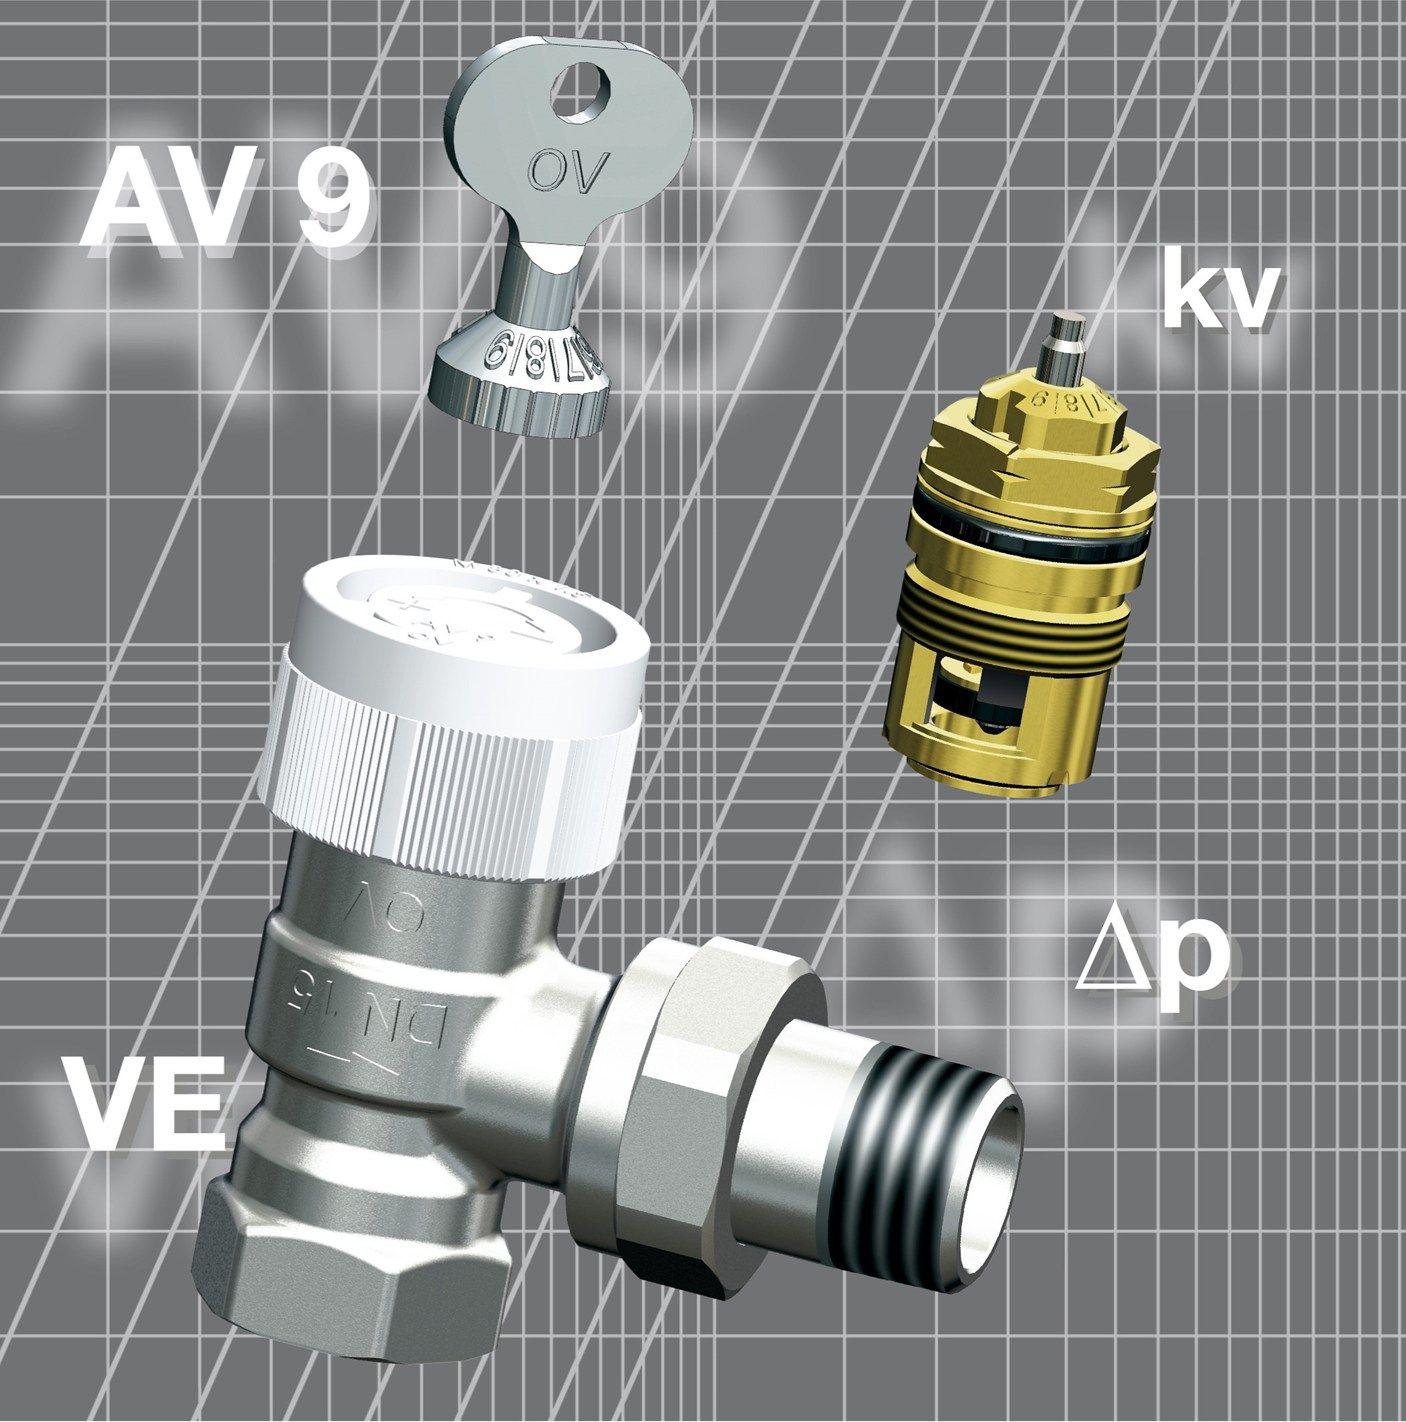 Tecnica e design: Oventrop presenta il nuovo sistema di regolazione per il miglioramento del comfort